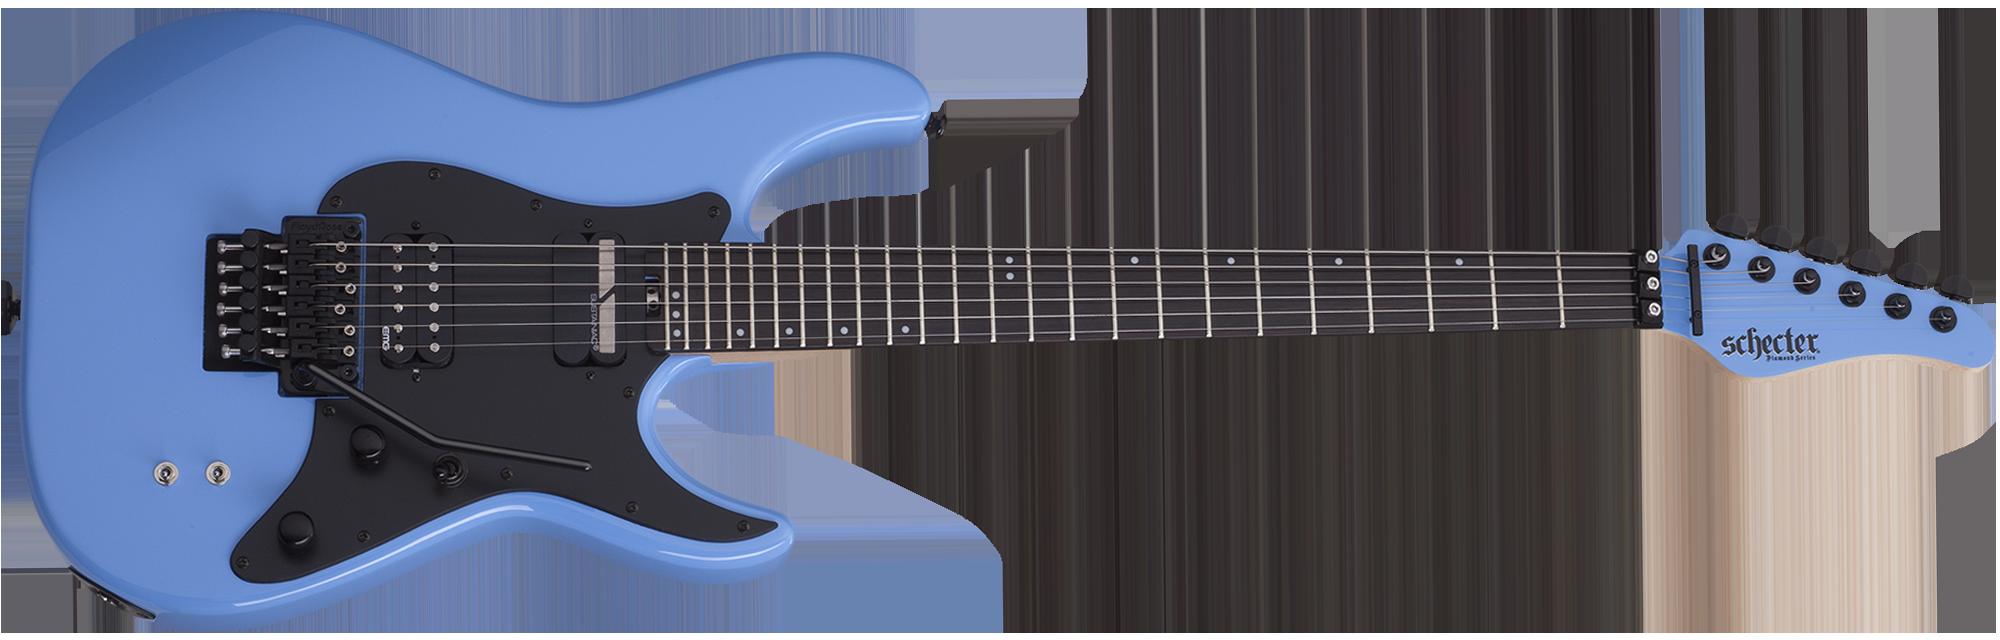 Sun Valley Super Shredder FR S Riviera Blue (RBLU) SKU #1288